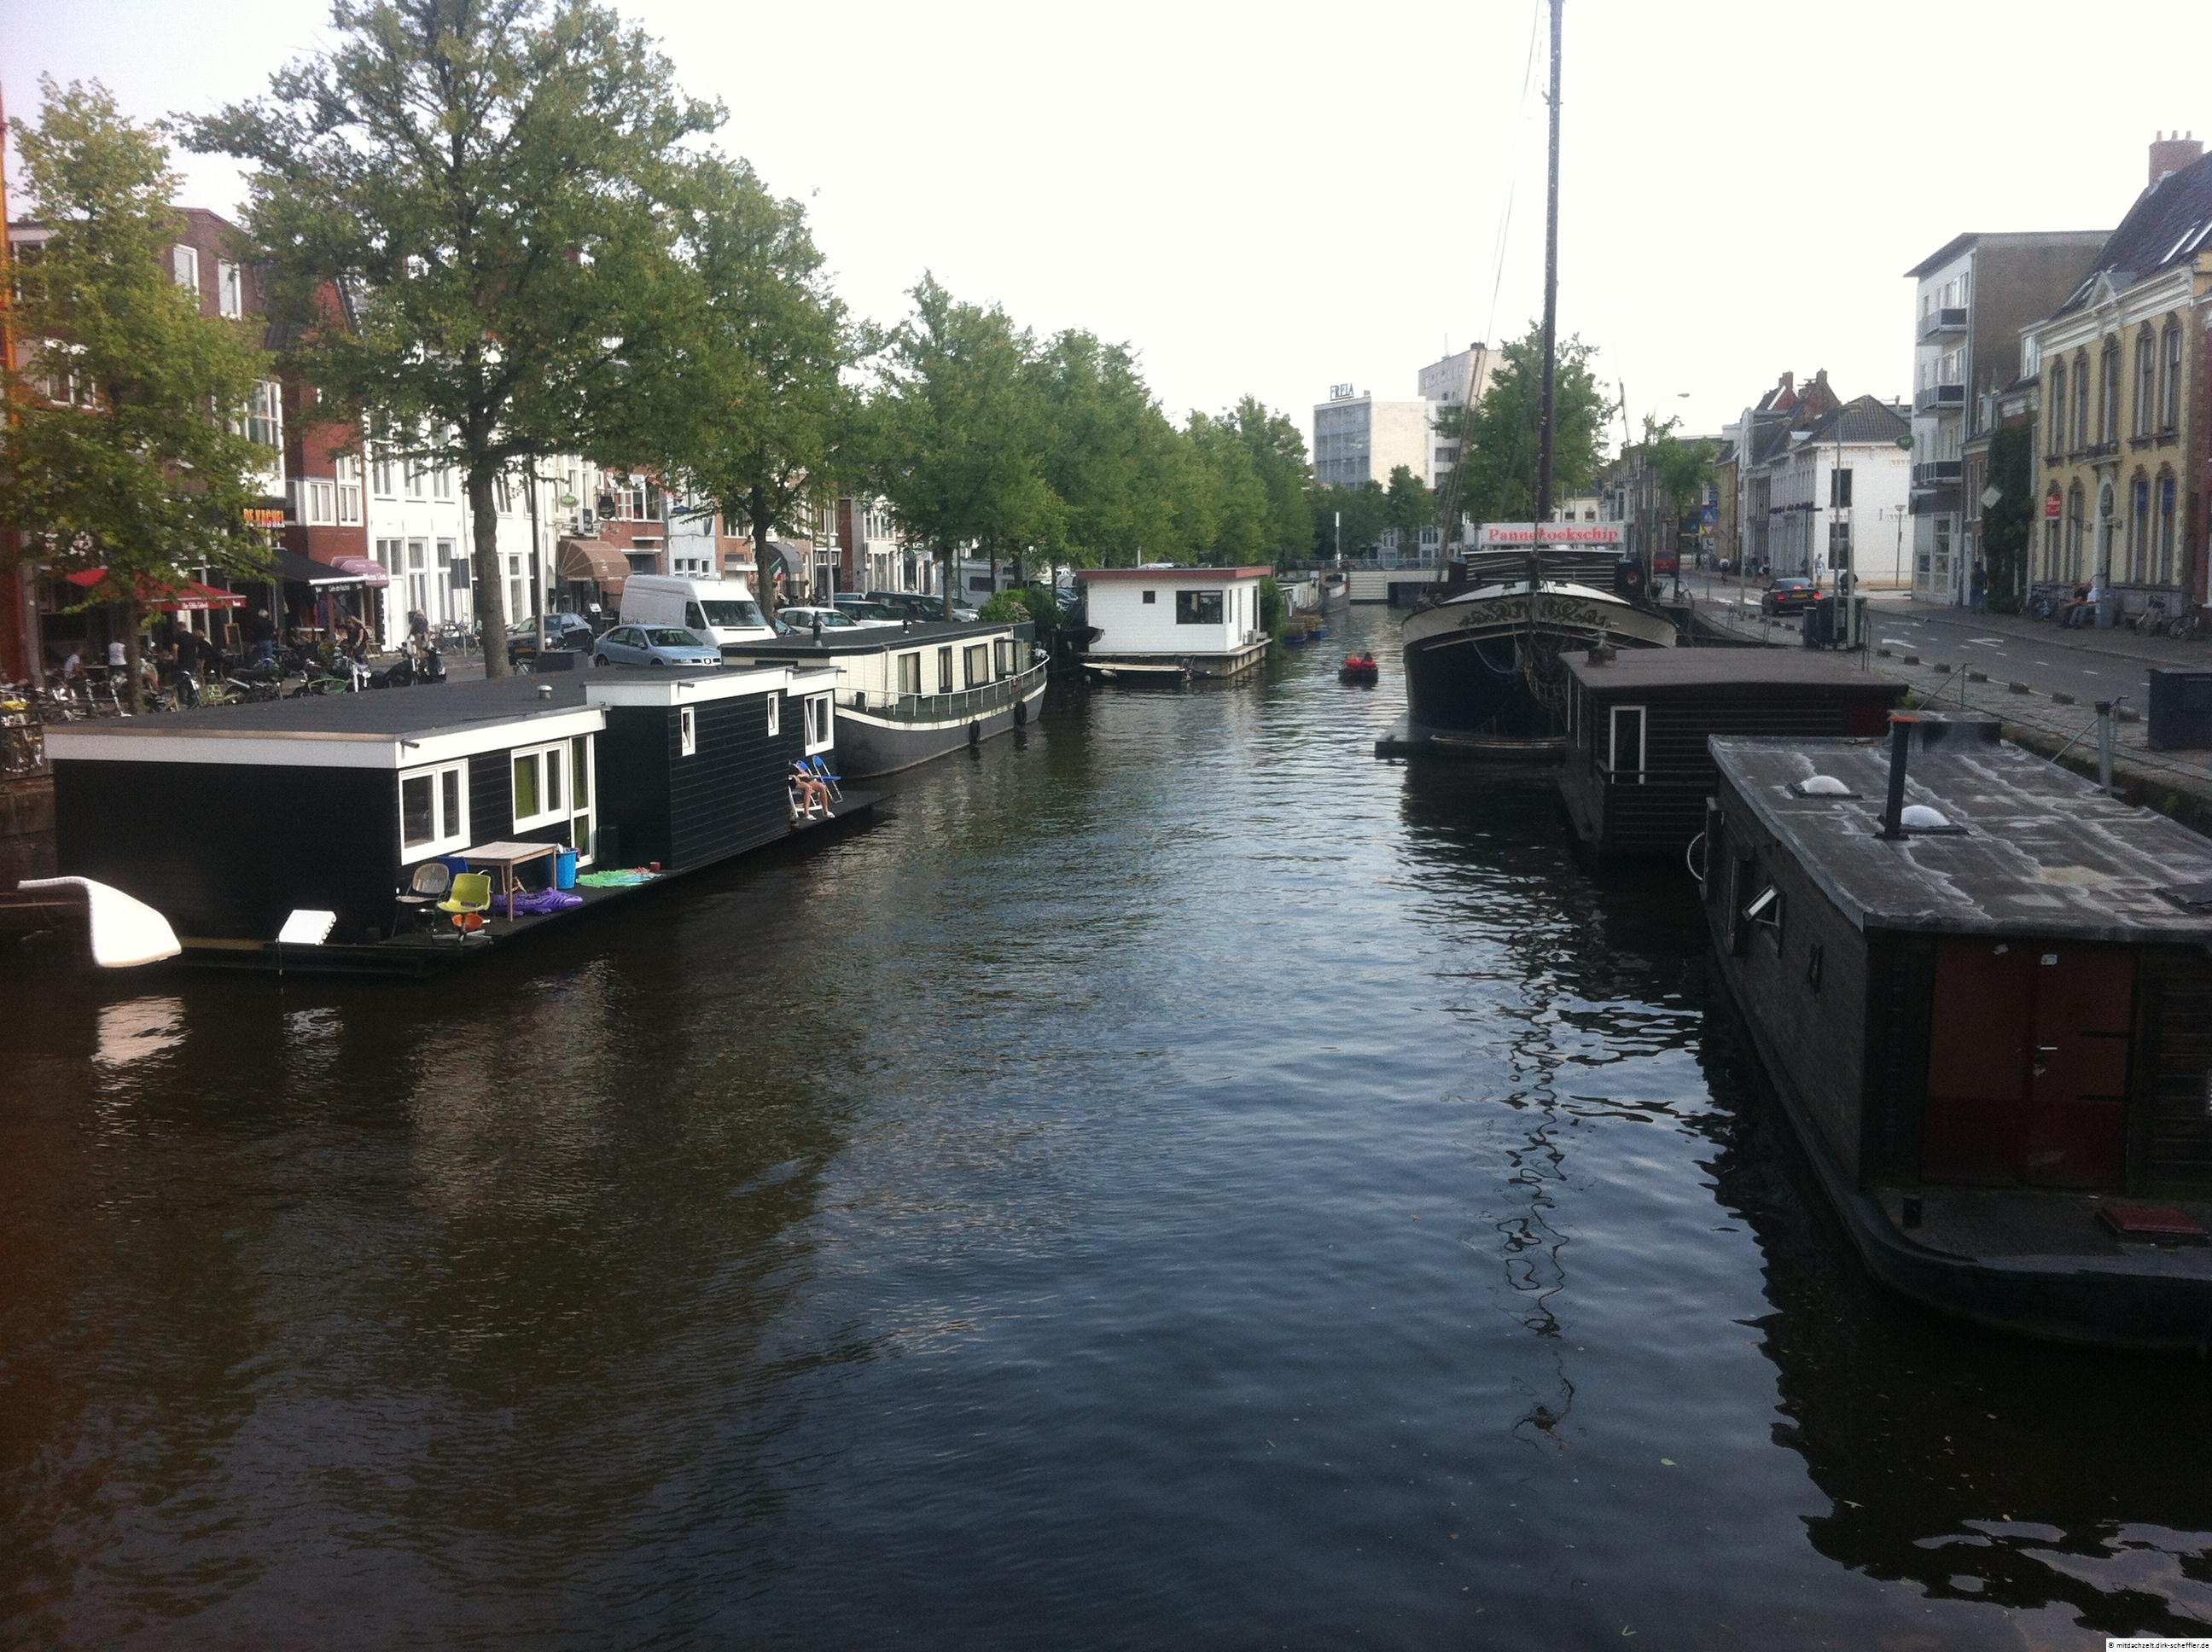 2015-08-21-16.45.14_Groningen